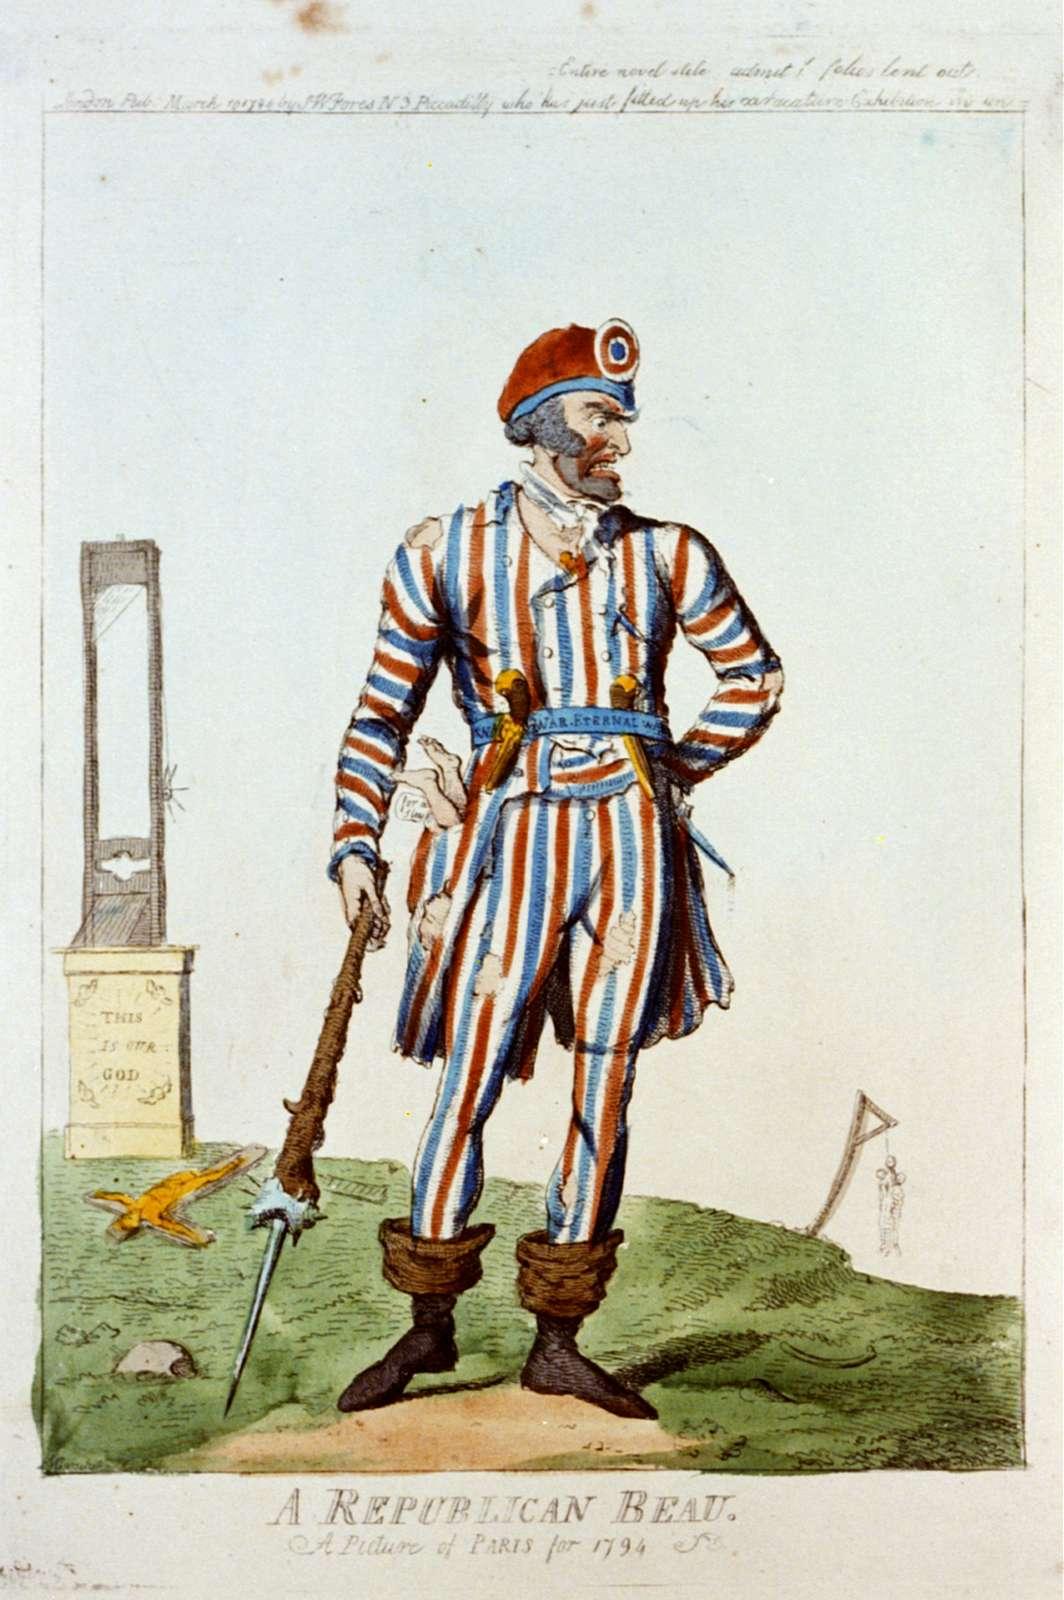 A republican beau - a picture of Paris for 1794 / I. Cruikshank del.